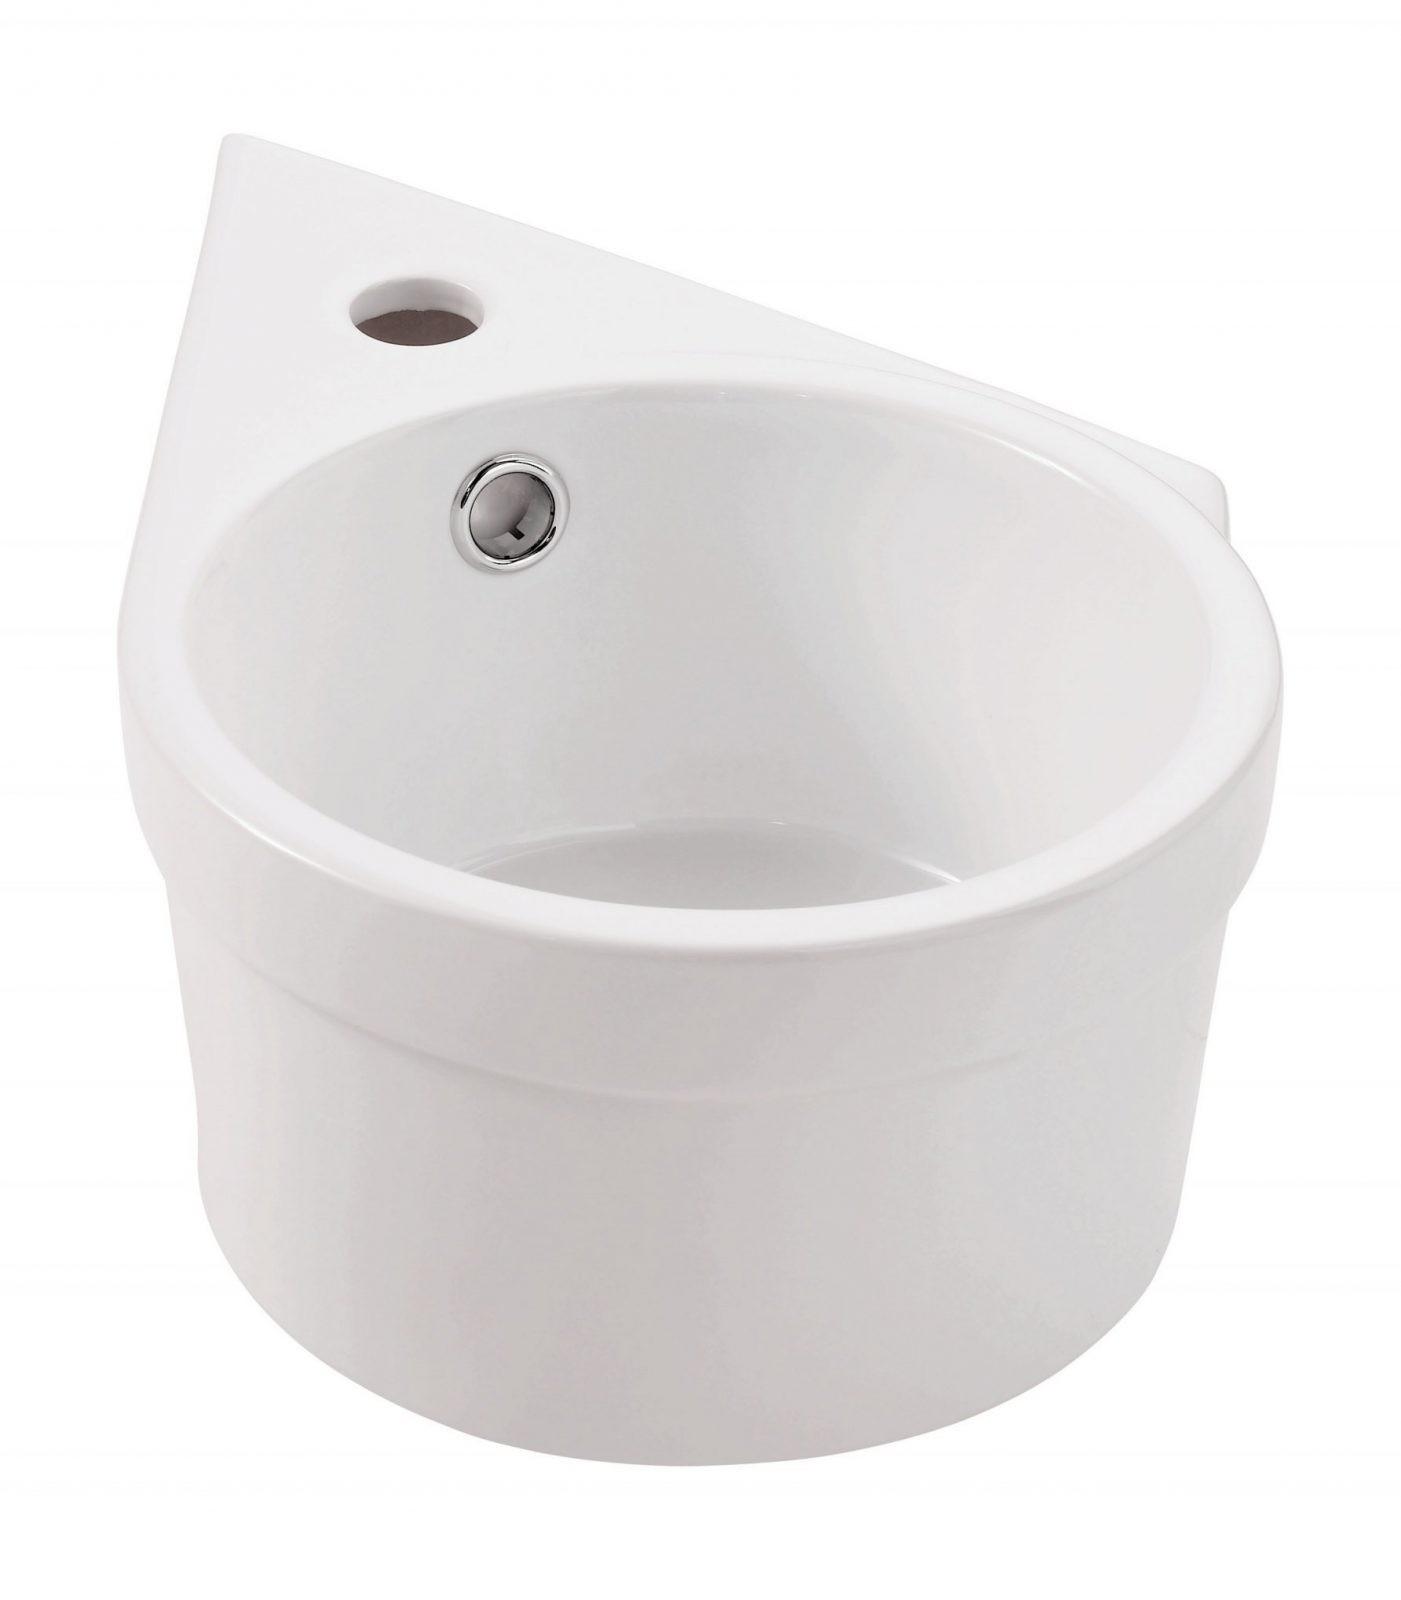 Eckwaschbecken Auf Rechnung Bestellen  Calmwaters von Waschbecken Tiefe 35 Cm Photo